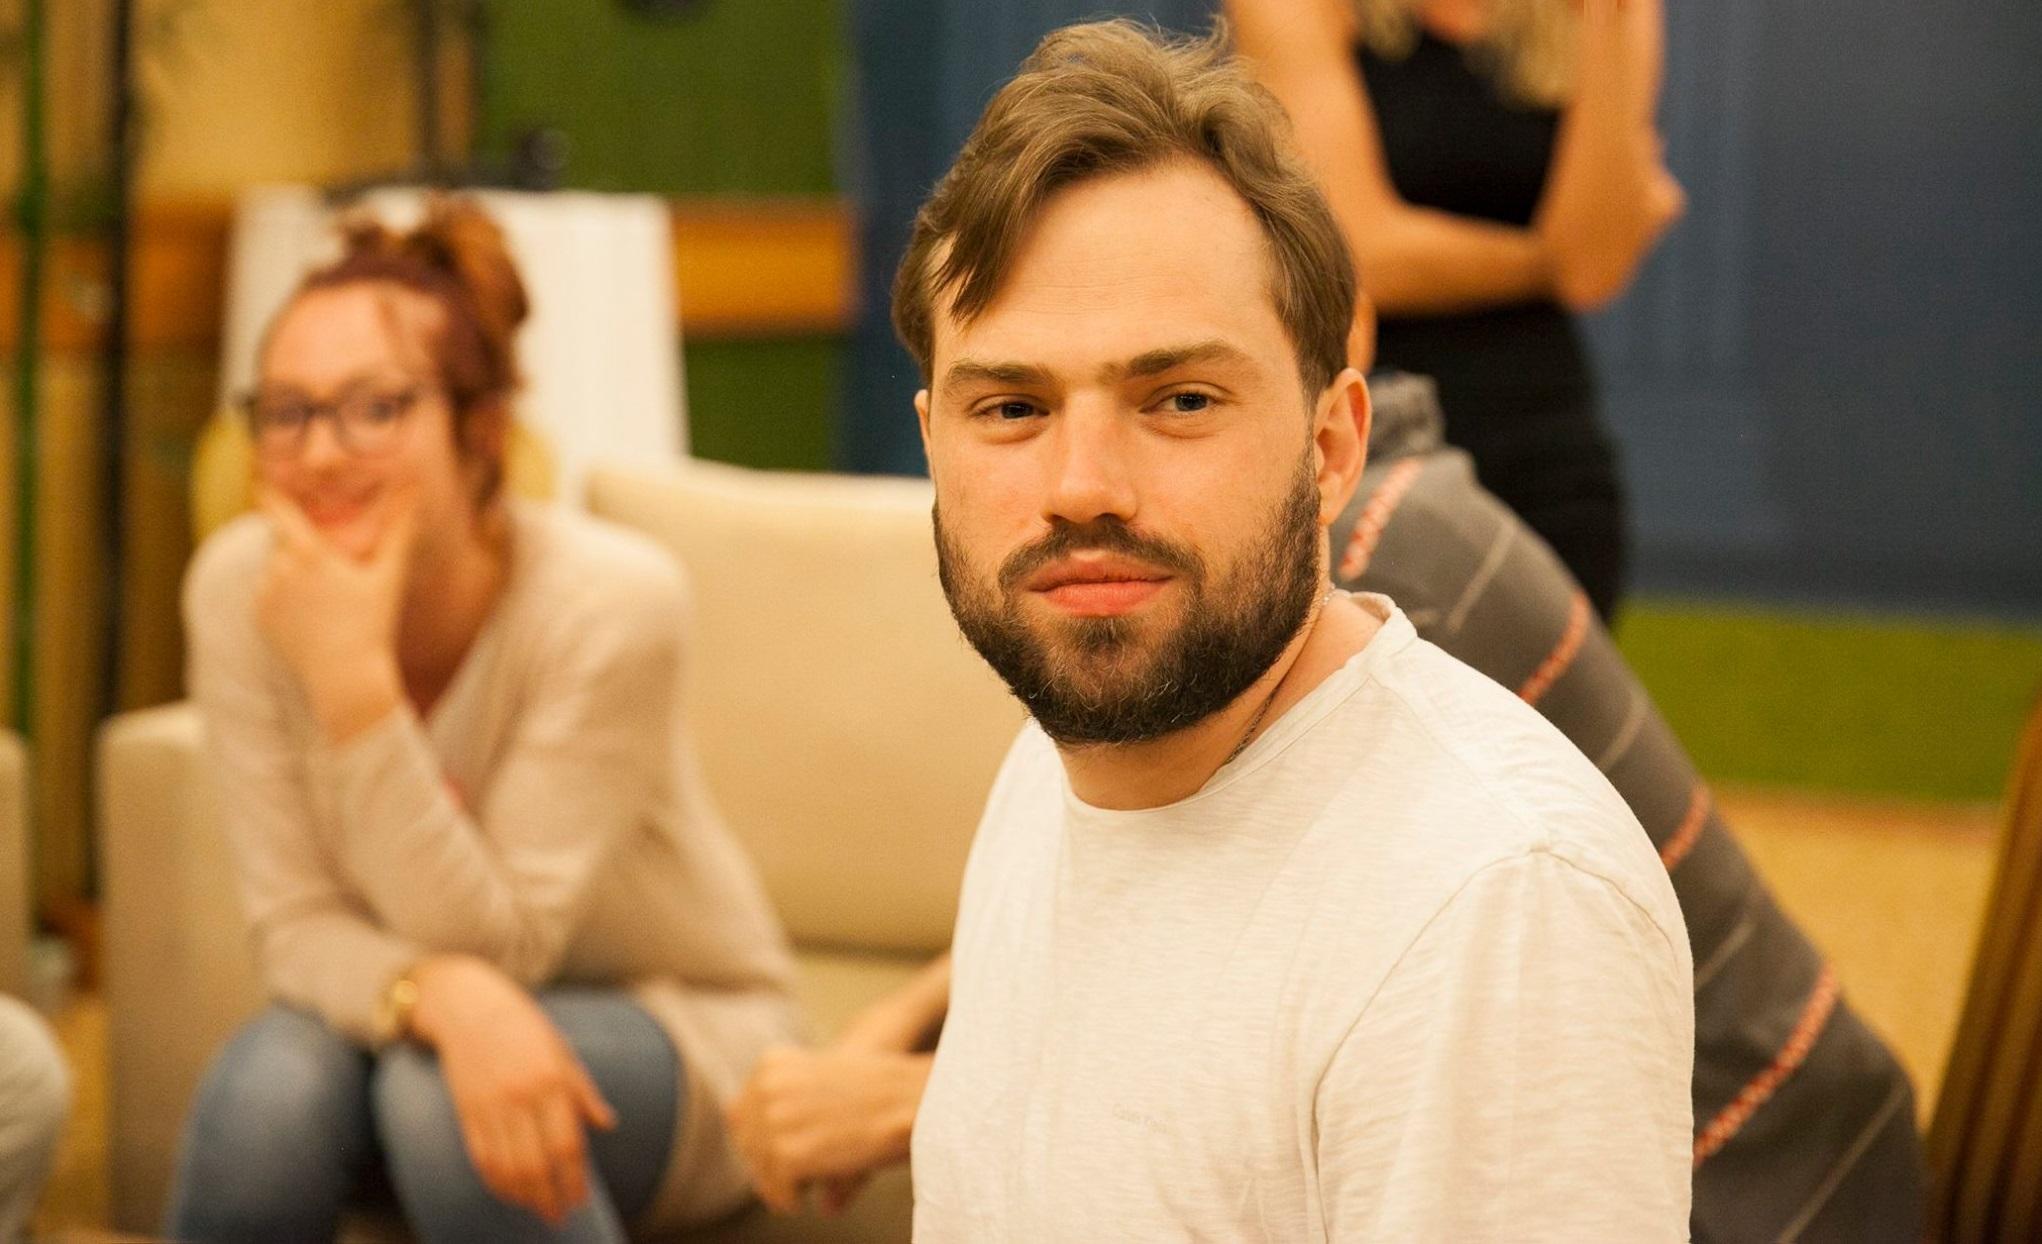 Иван Демидов: «Мне нравится учиться, этим я и планирую заняться»